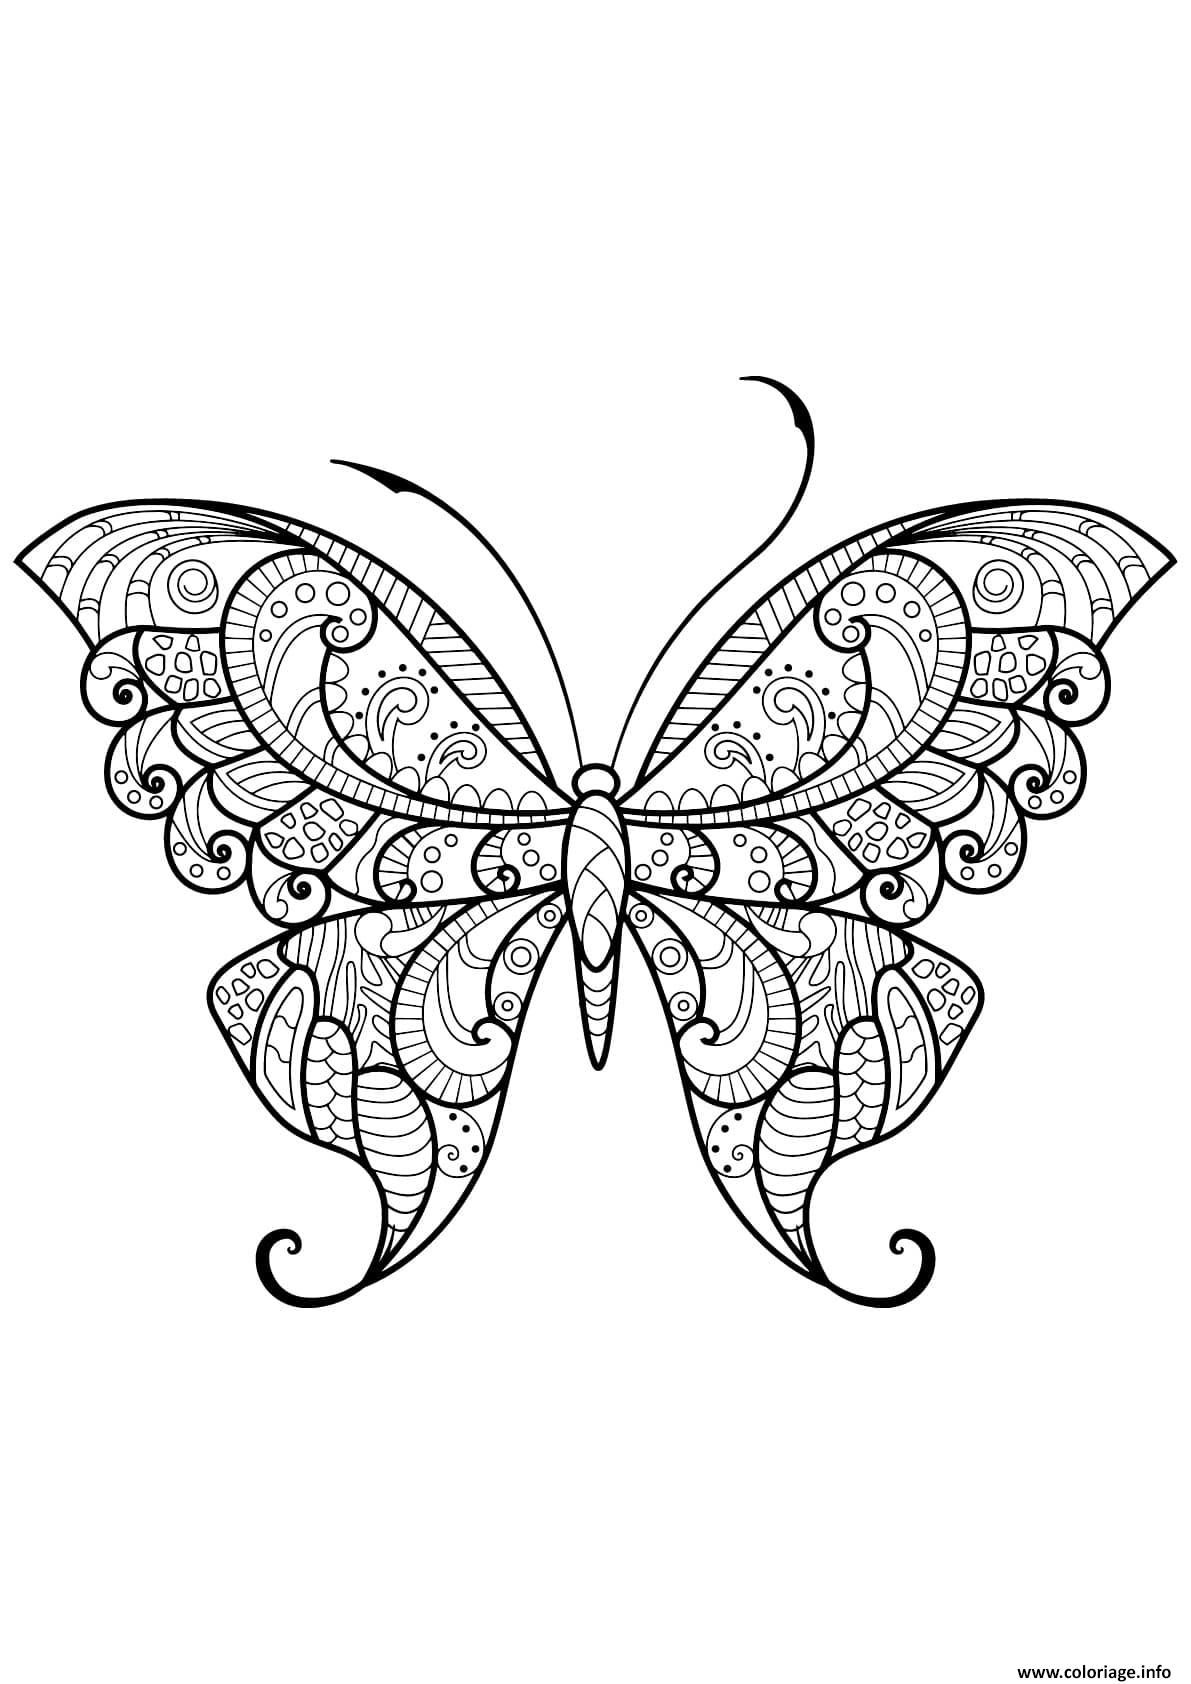 Dessin papillon adulte jolis motifs 12 Coloriage Gratuit à Imprimer